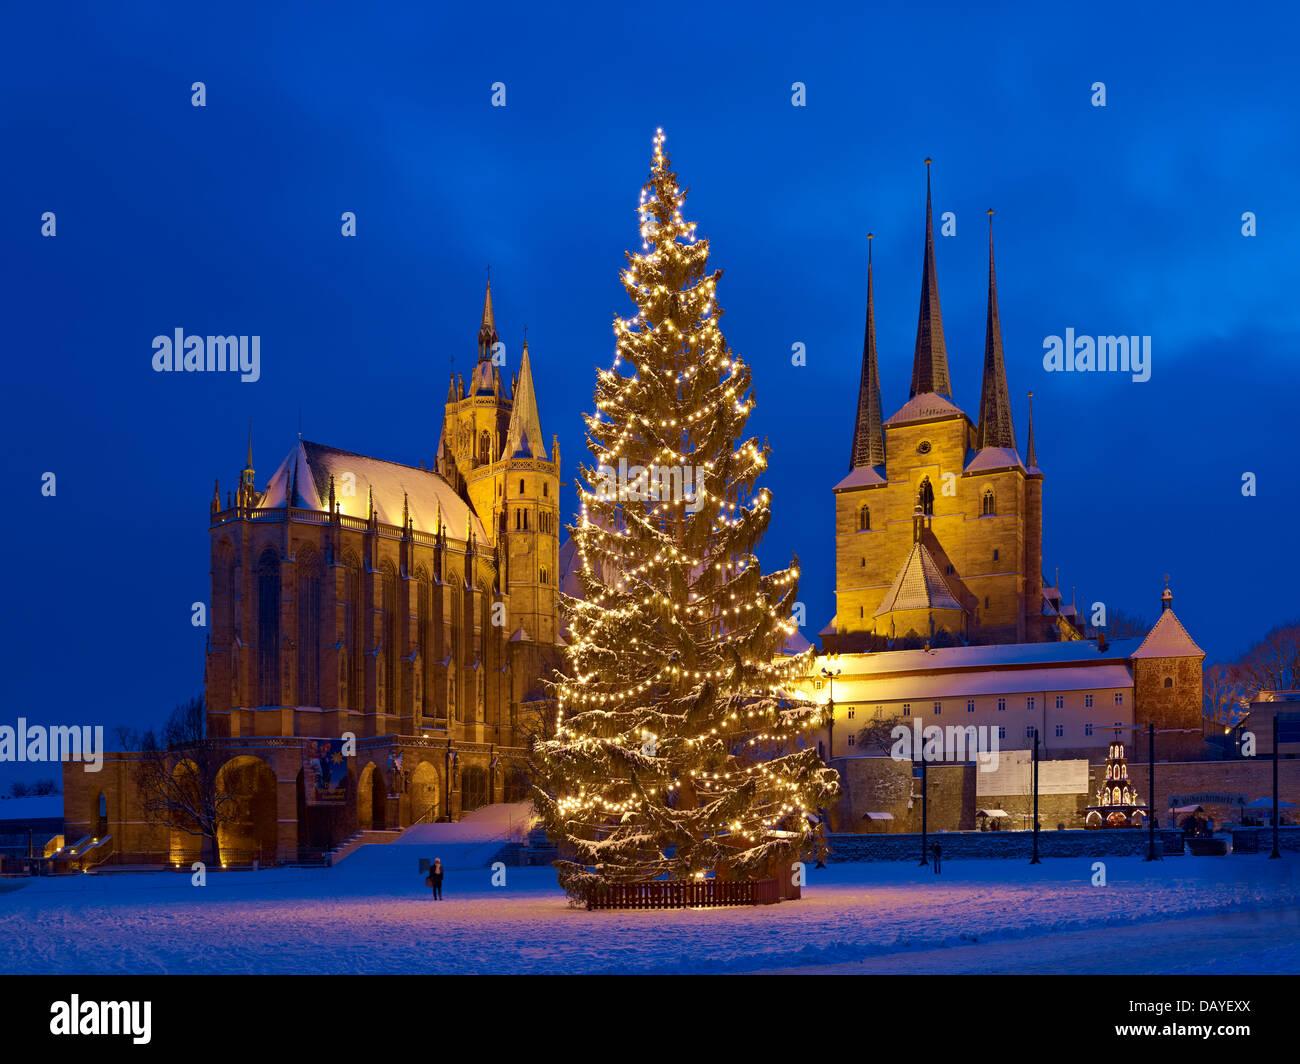 Weihnachtsbaum in erfurt